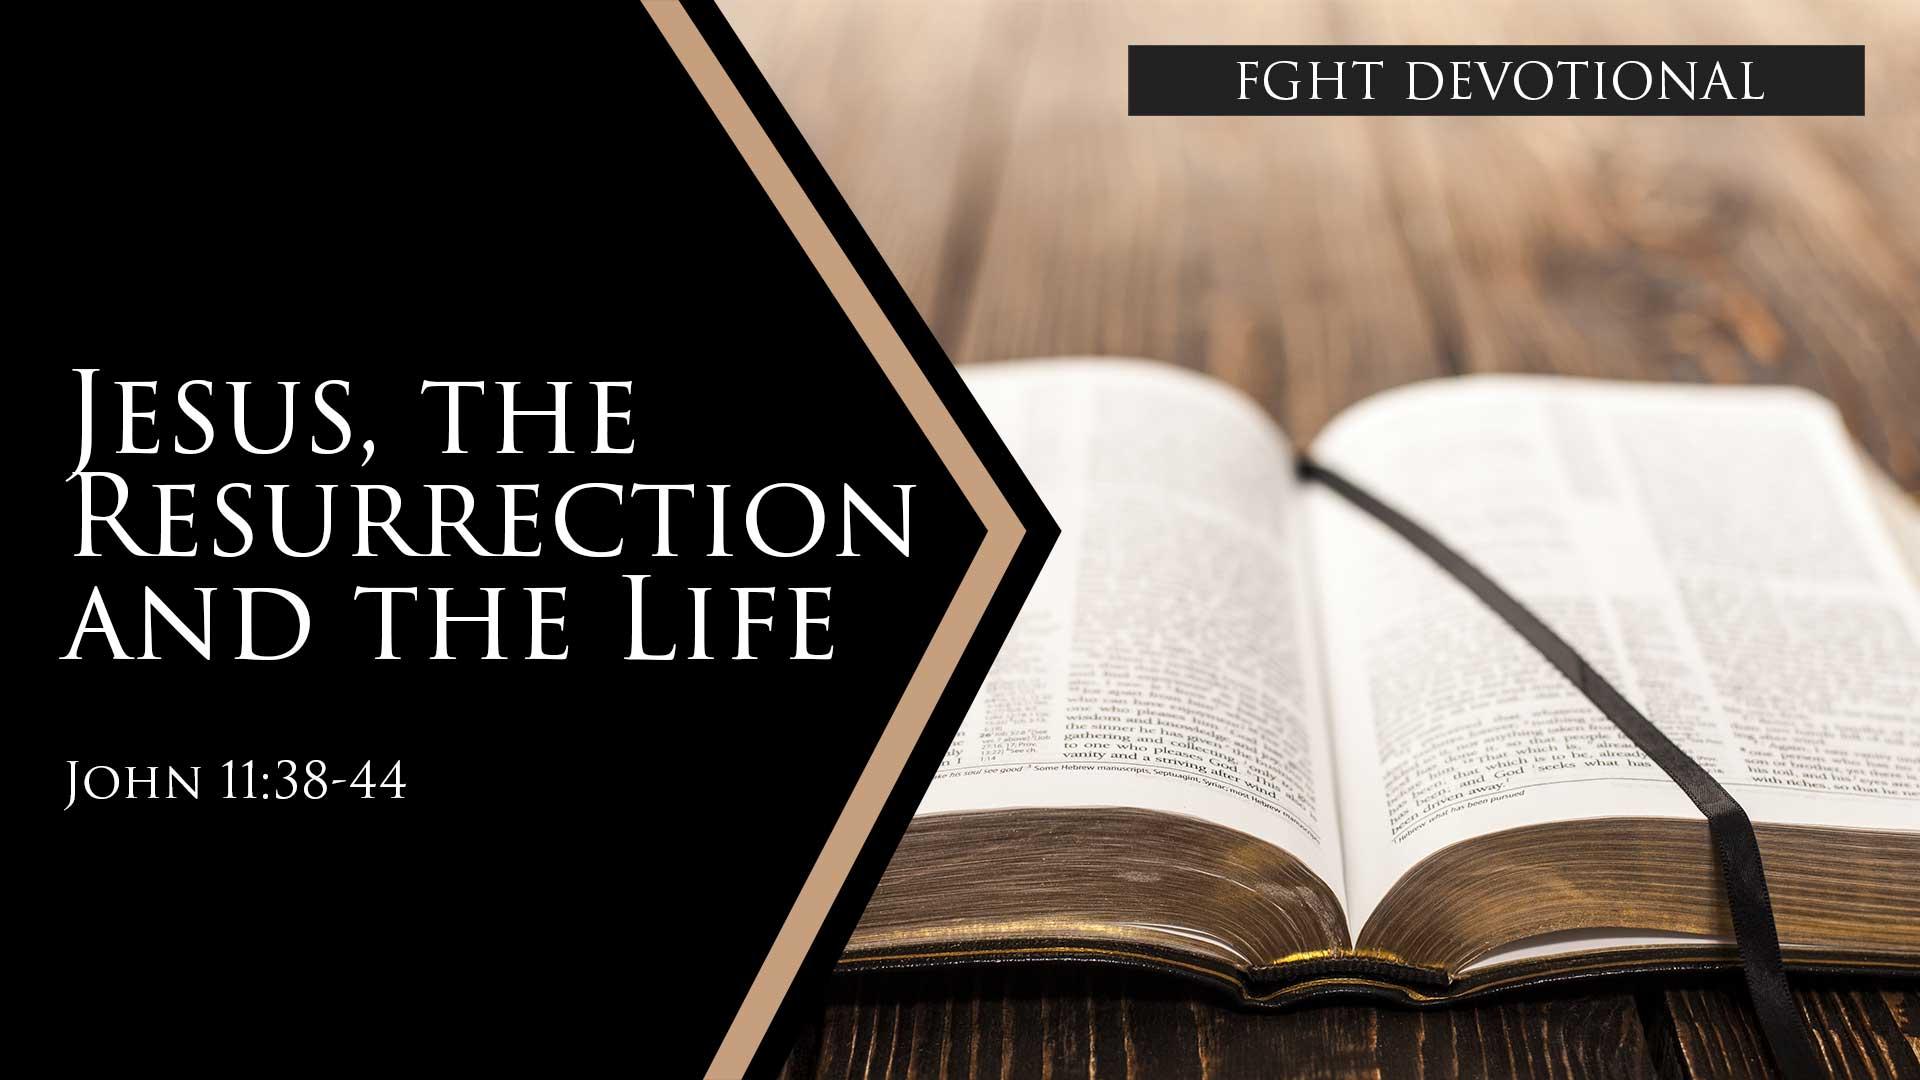 FGHT Devotion